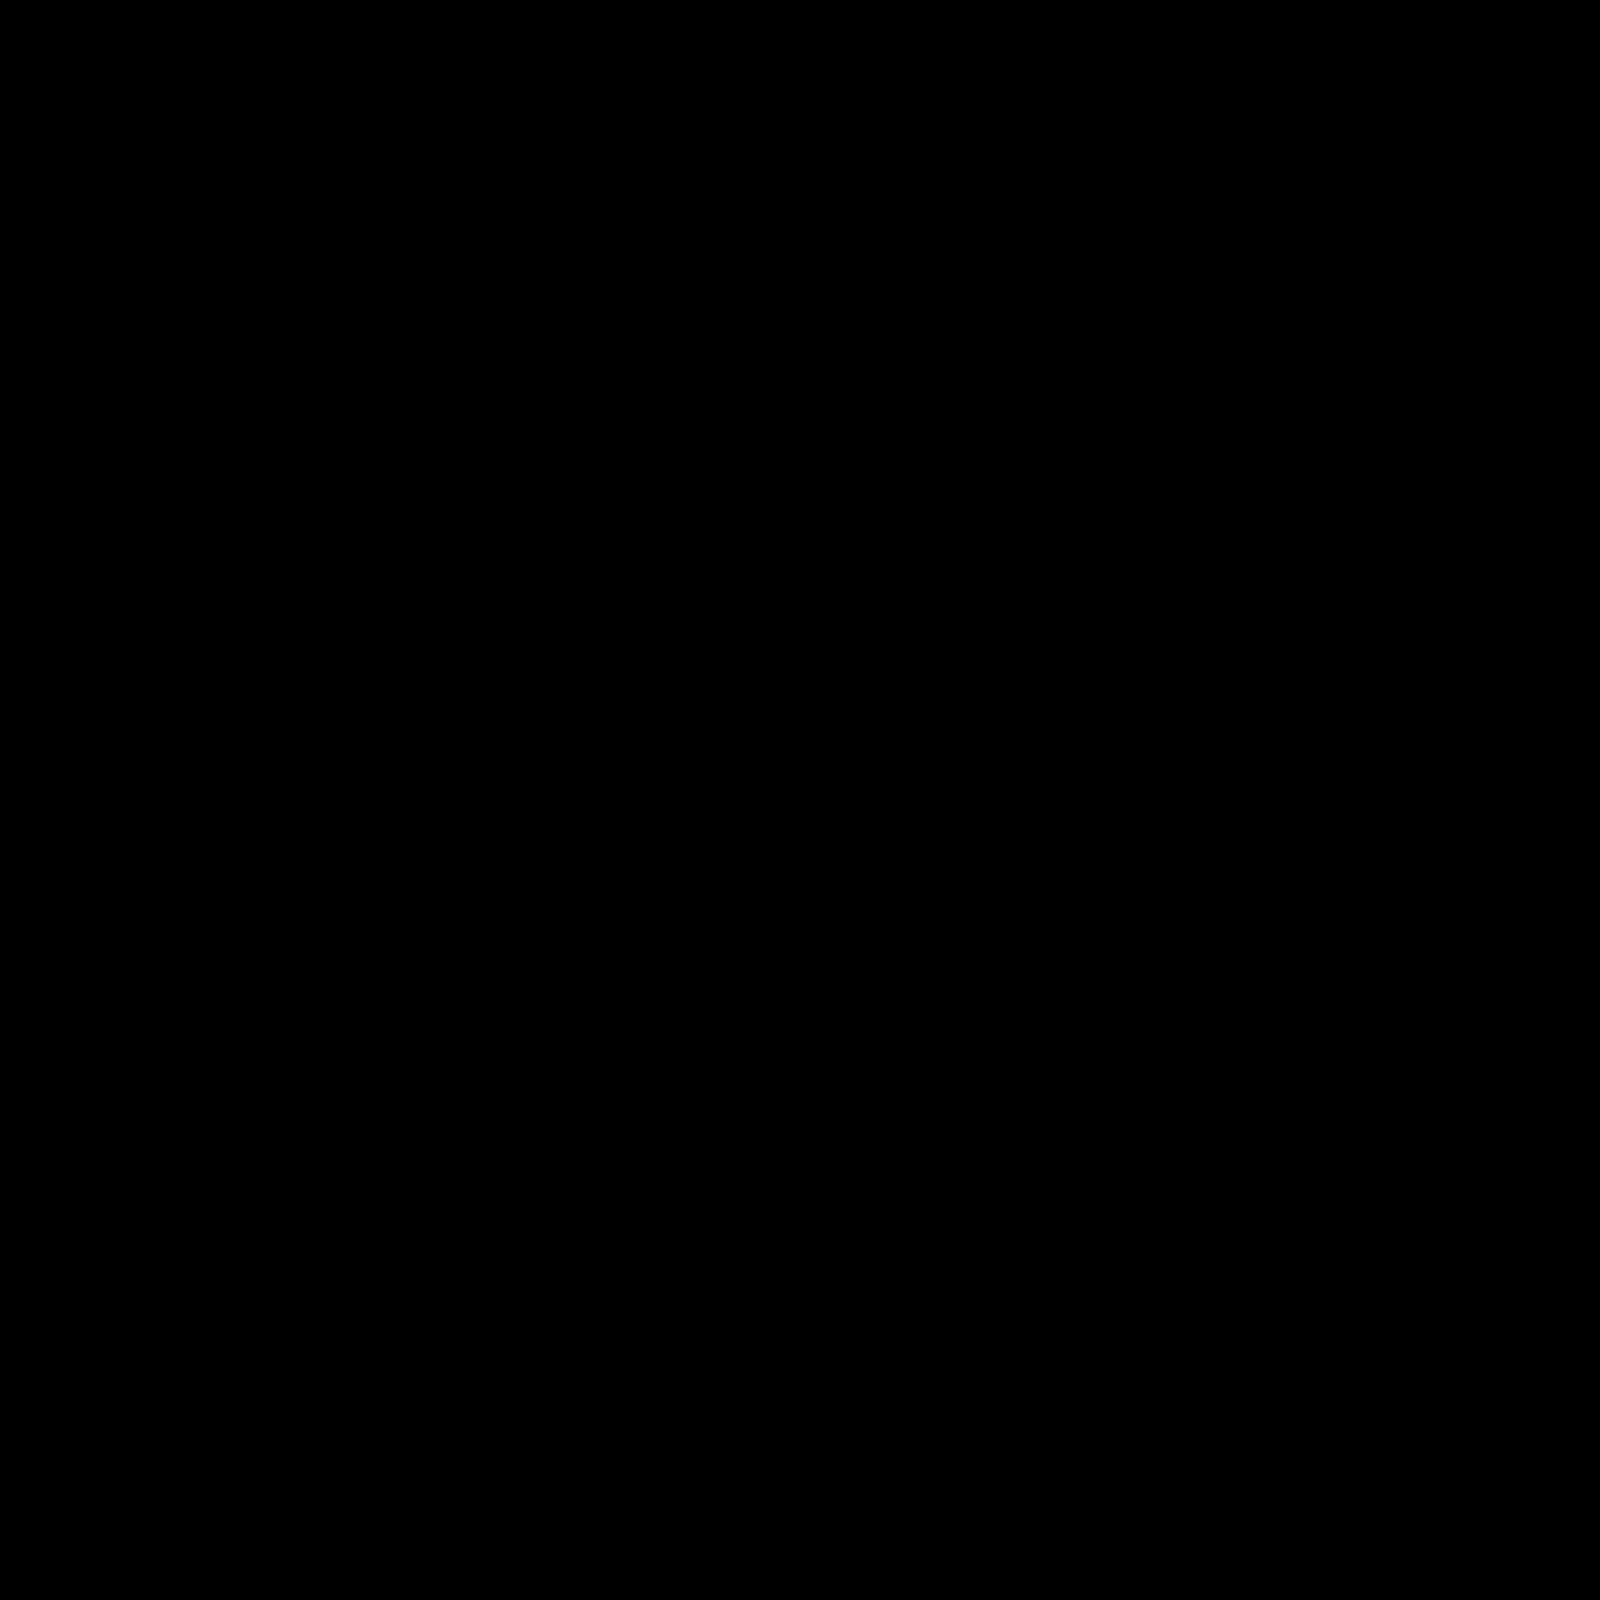 wielkość liter jak w zdaniu icon